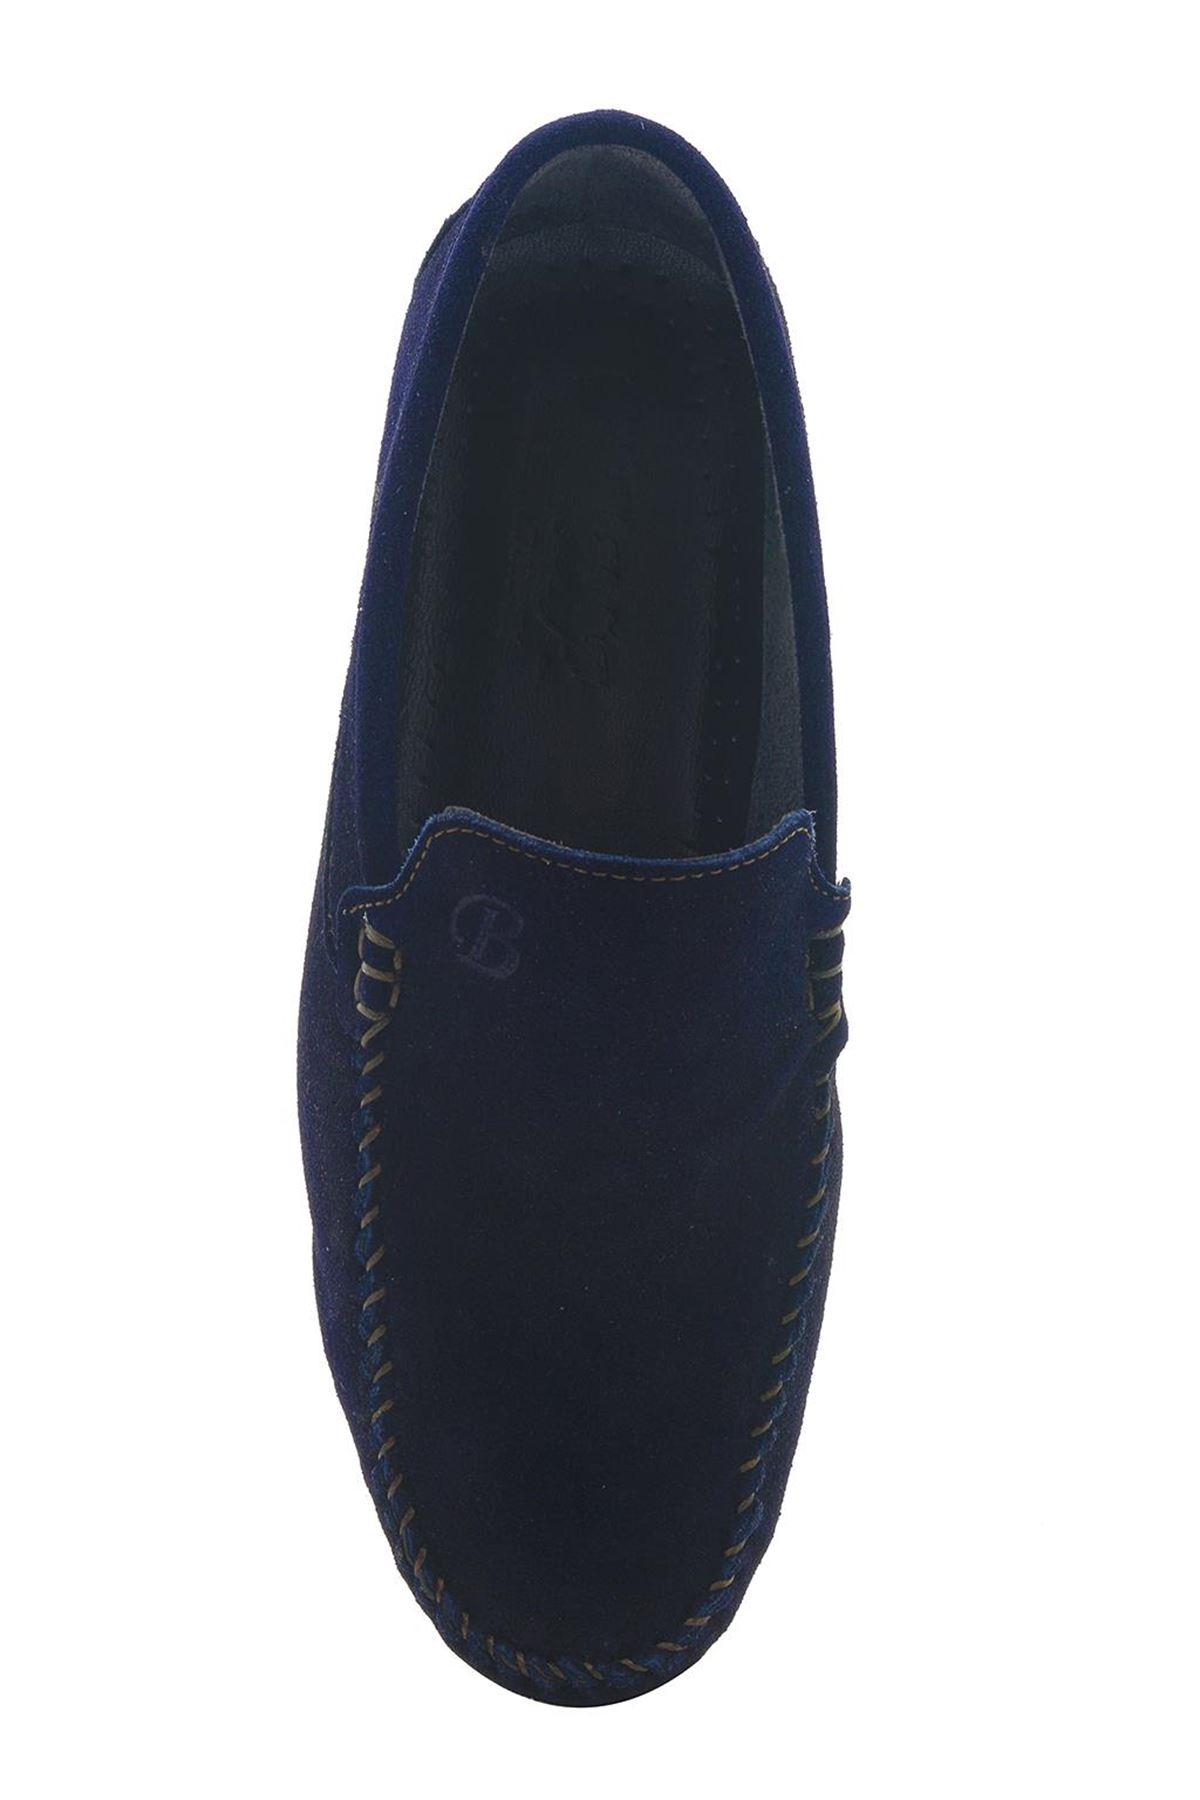 Loafer 2100 Erkek Hakiki Deri Ayakkabı